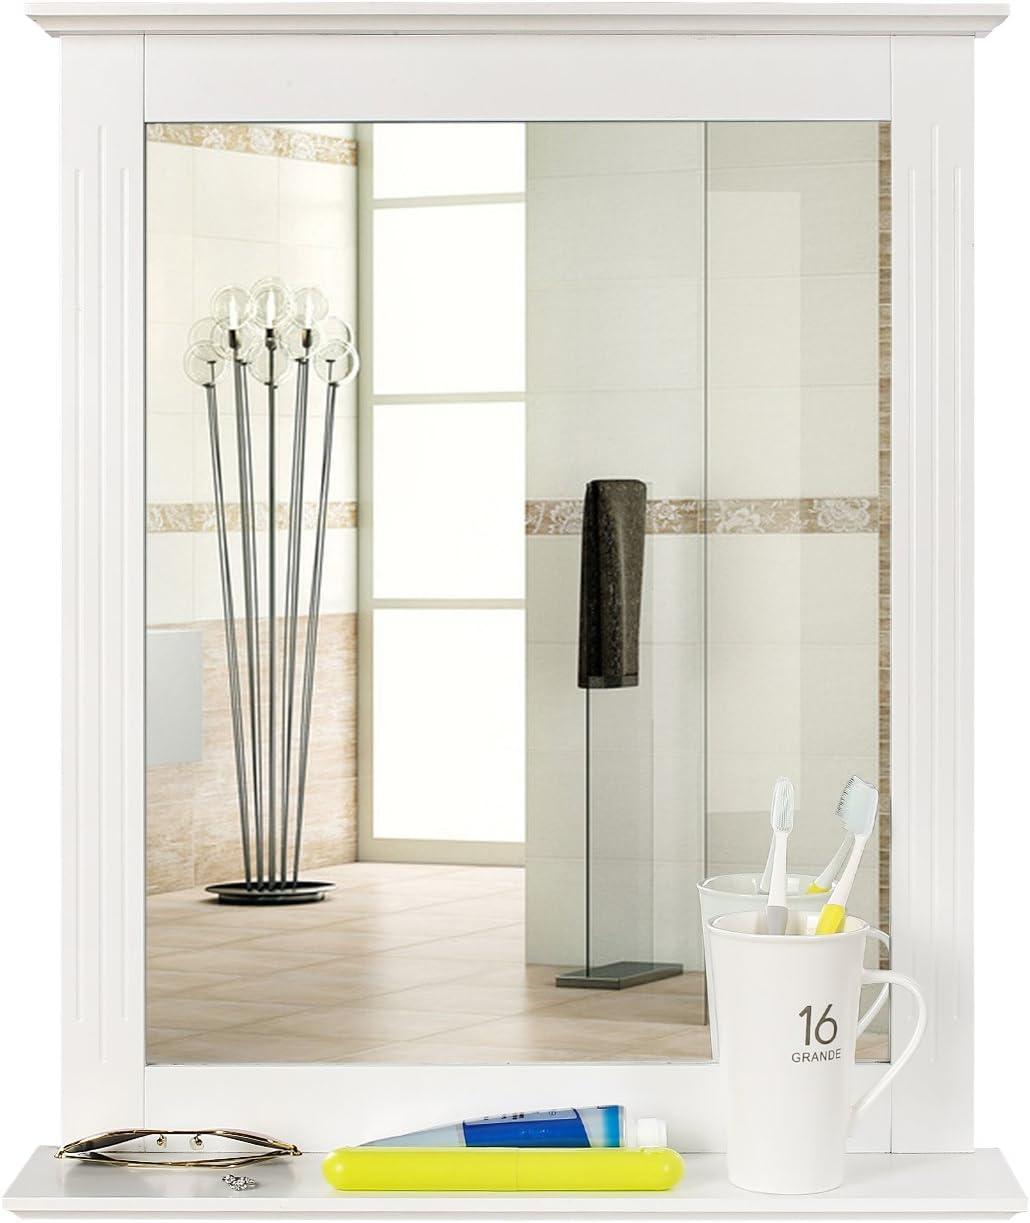 bathroom mirror with a shelf